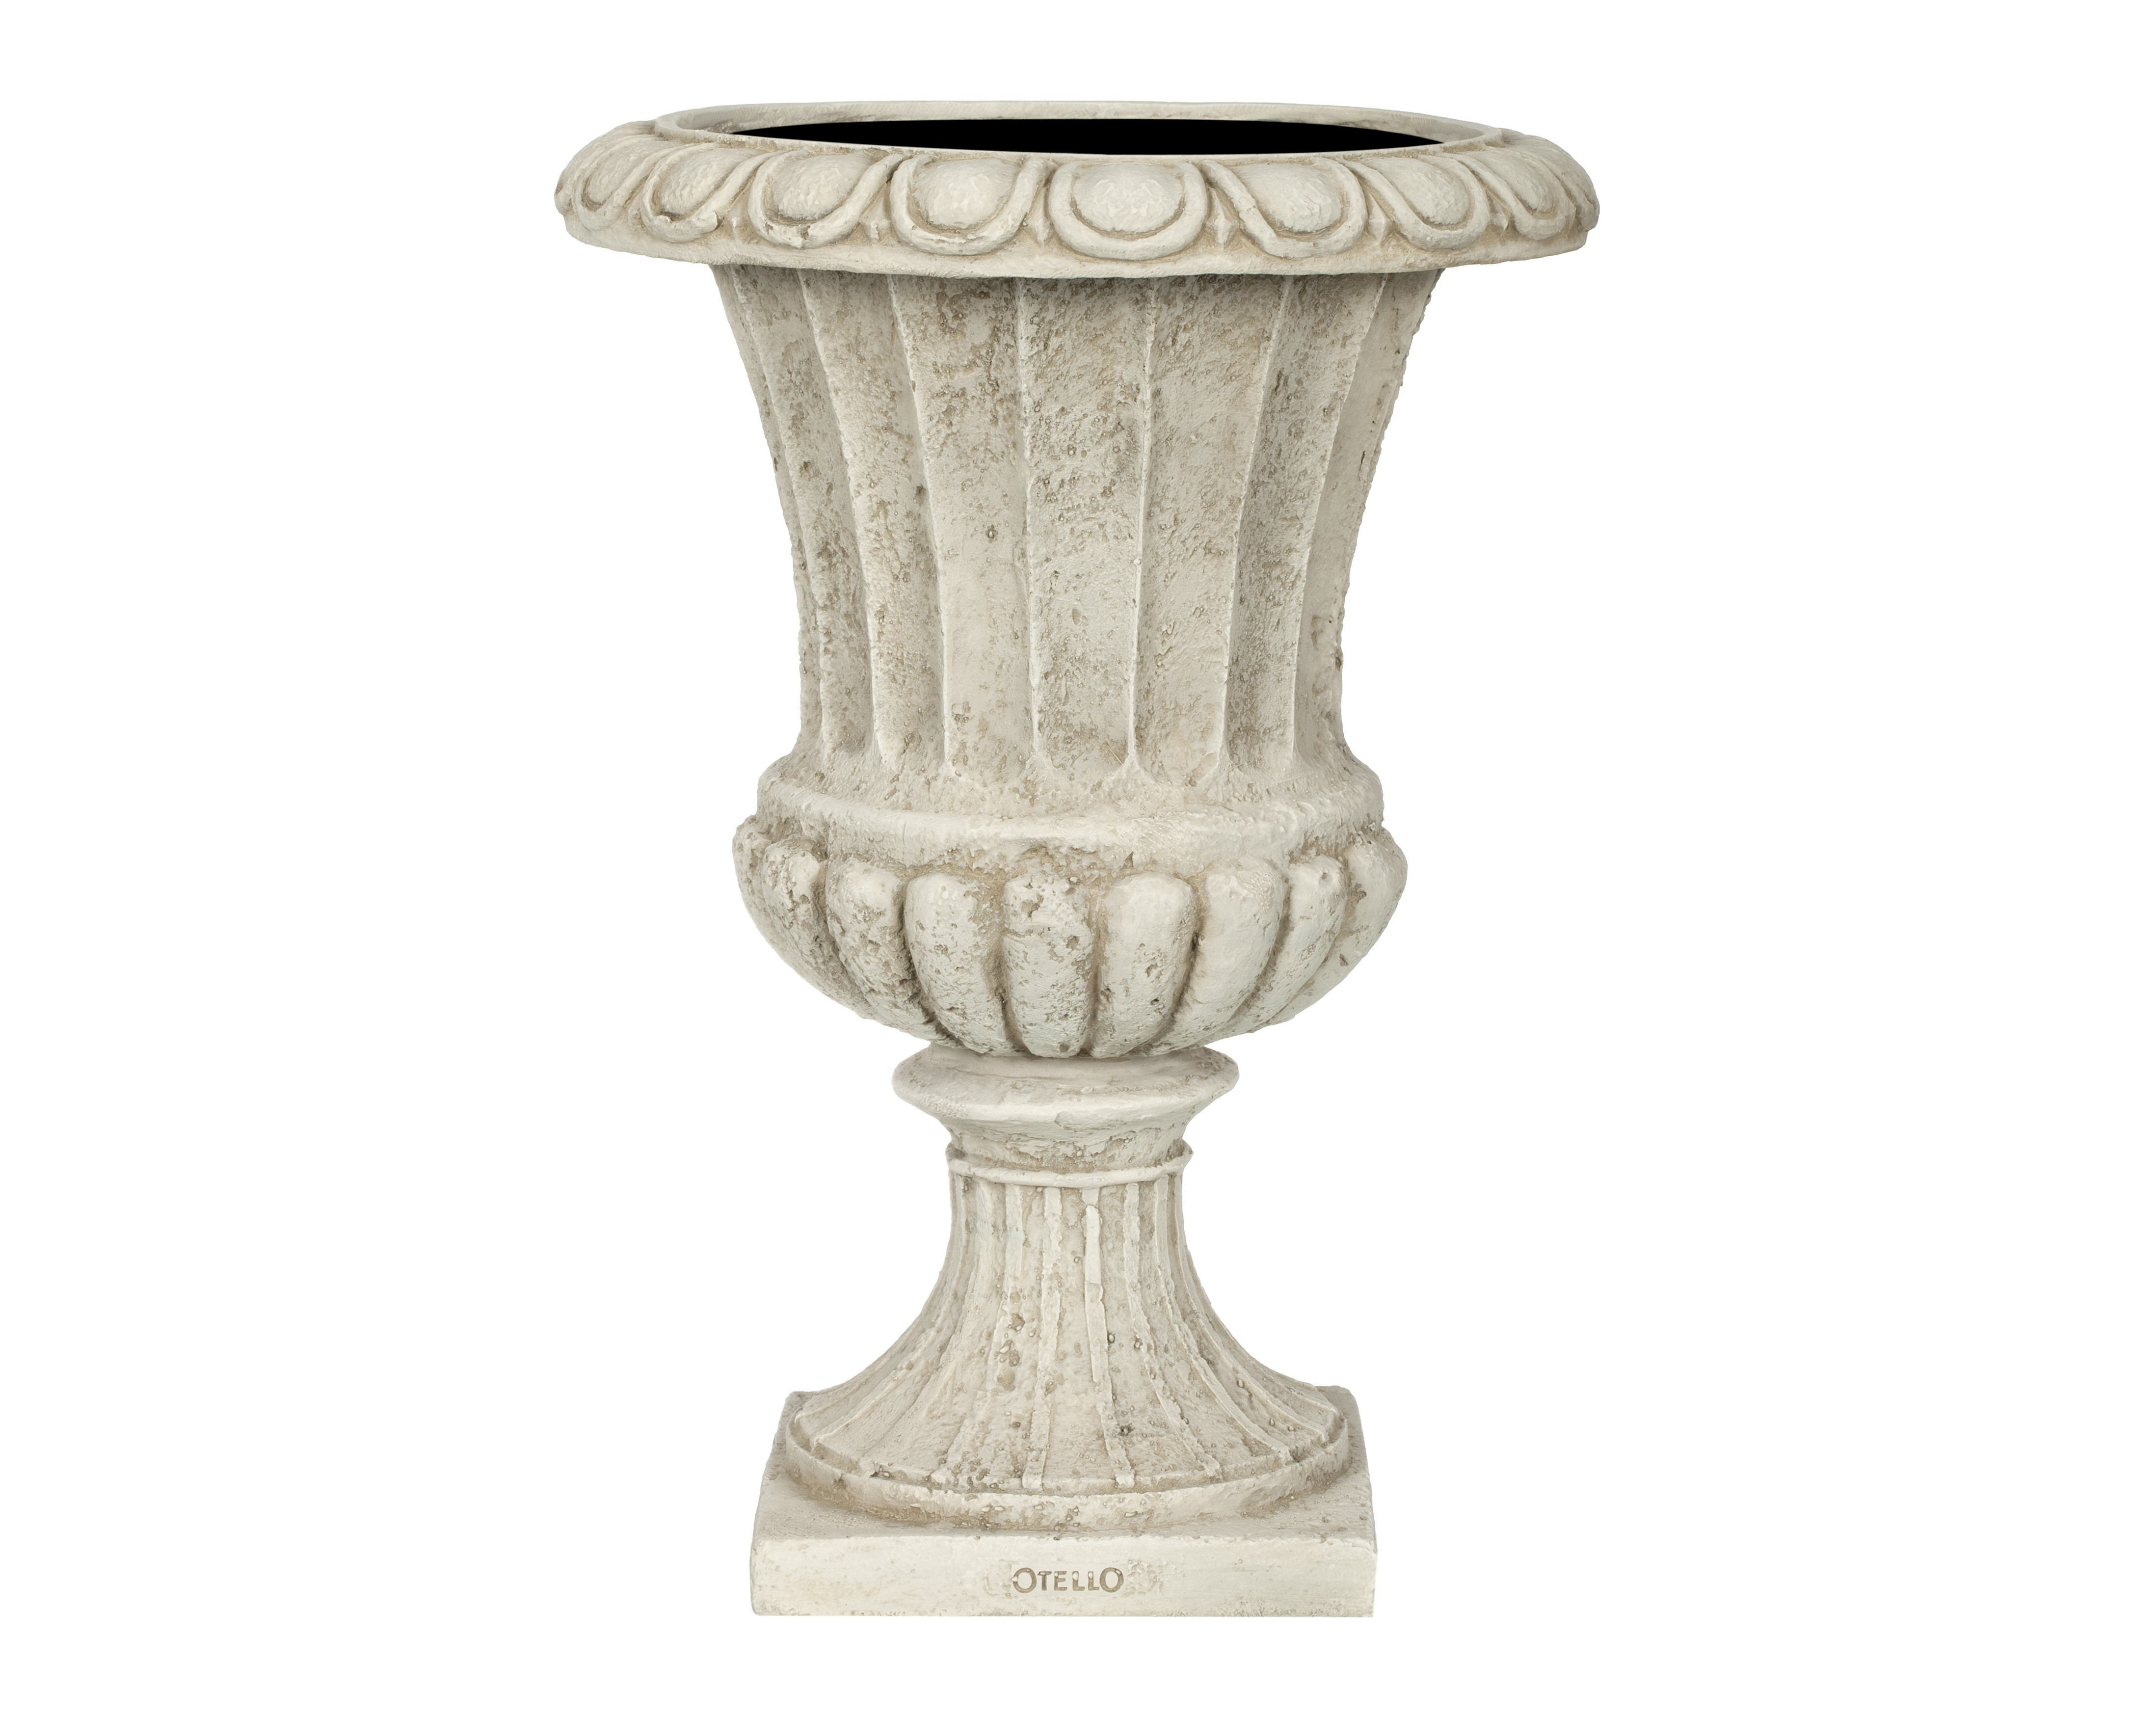 Ваза ГРАССКашпо и подставки для дачи и сада<br>CAPI CLASSIC – это вазы в классическом французском стиле.  Вазы отличаются  декоративной каймой с изысканным цветочным узором.  <br>Коллекцию дополняют пьедесталы, с которыми вазы прекрасно согласуются и величественно выглядят рядом с входной дверью или на классической террасе.  Комплекты из ваз не только позволяют создать  красивую композицию, но и значительно облегчают уход за растениями. С их помощью легко расставить акценты на тропинках, входе в дом или на террасе.<br>Вазы CAPI EUROPE не боятся перепадов температуры и влажности воздуха. Все вазы могут быть использованы в доме и на улице круглый год. На дне каждой вазы есть дренажное отверстие, что позволит уберечь  вазу в морозы.<br><br>Material: Полистоун<br>Высота см: 66